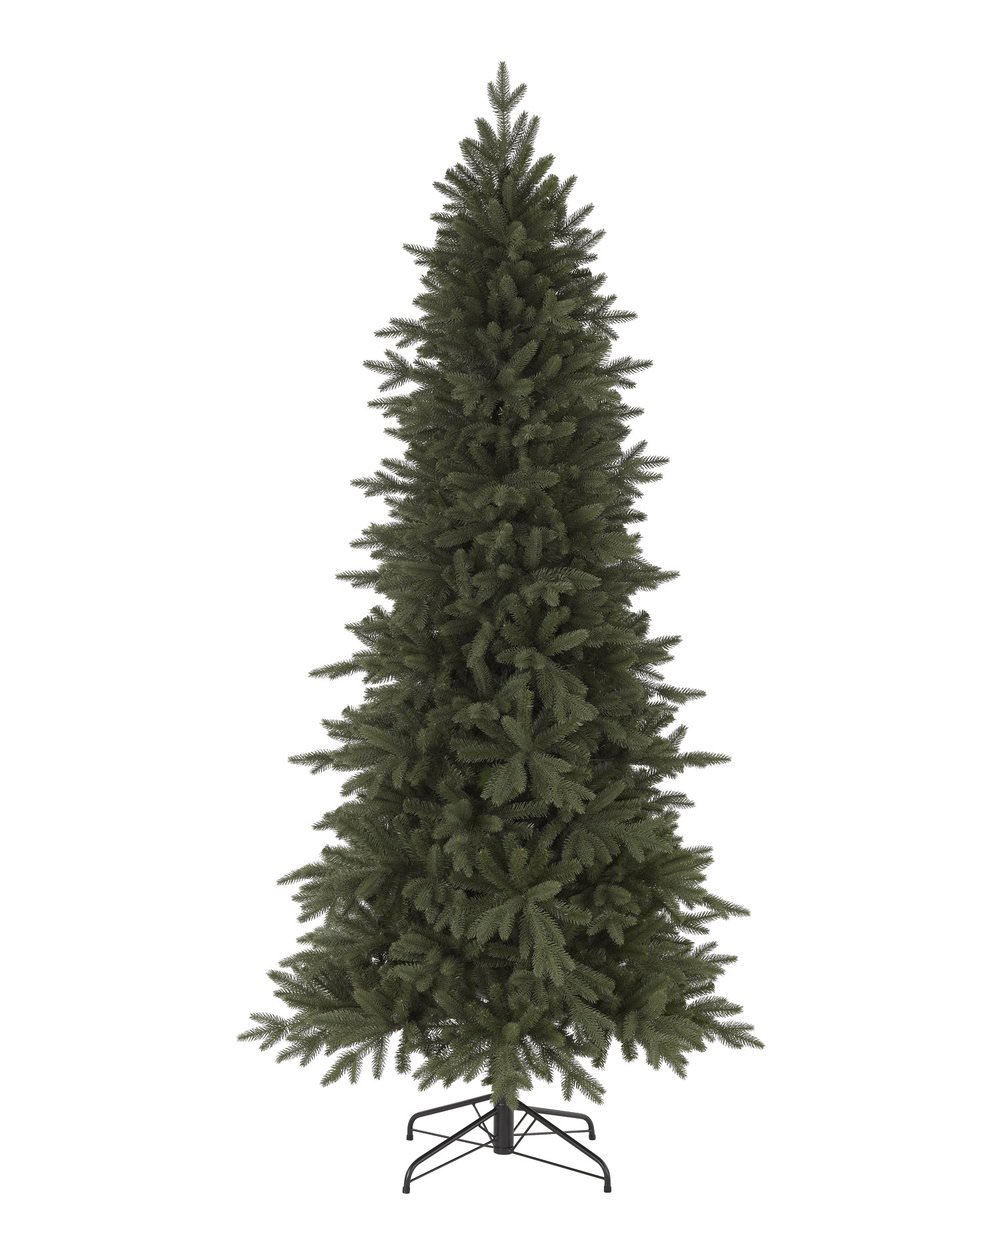 Christmas Tree Market Kennedy Fir Artificial Christmas Tree, 6.5 Feet, Unlit